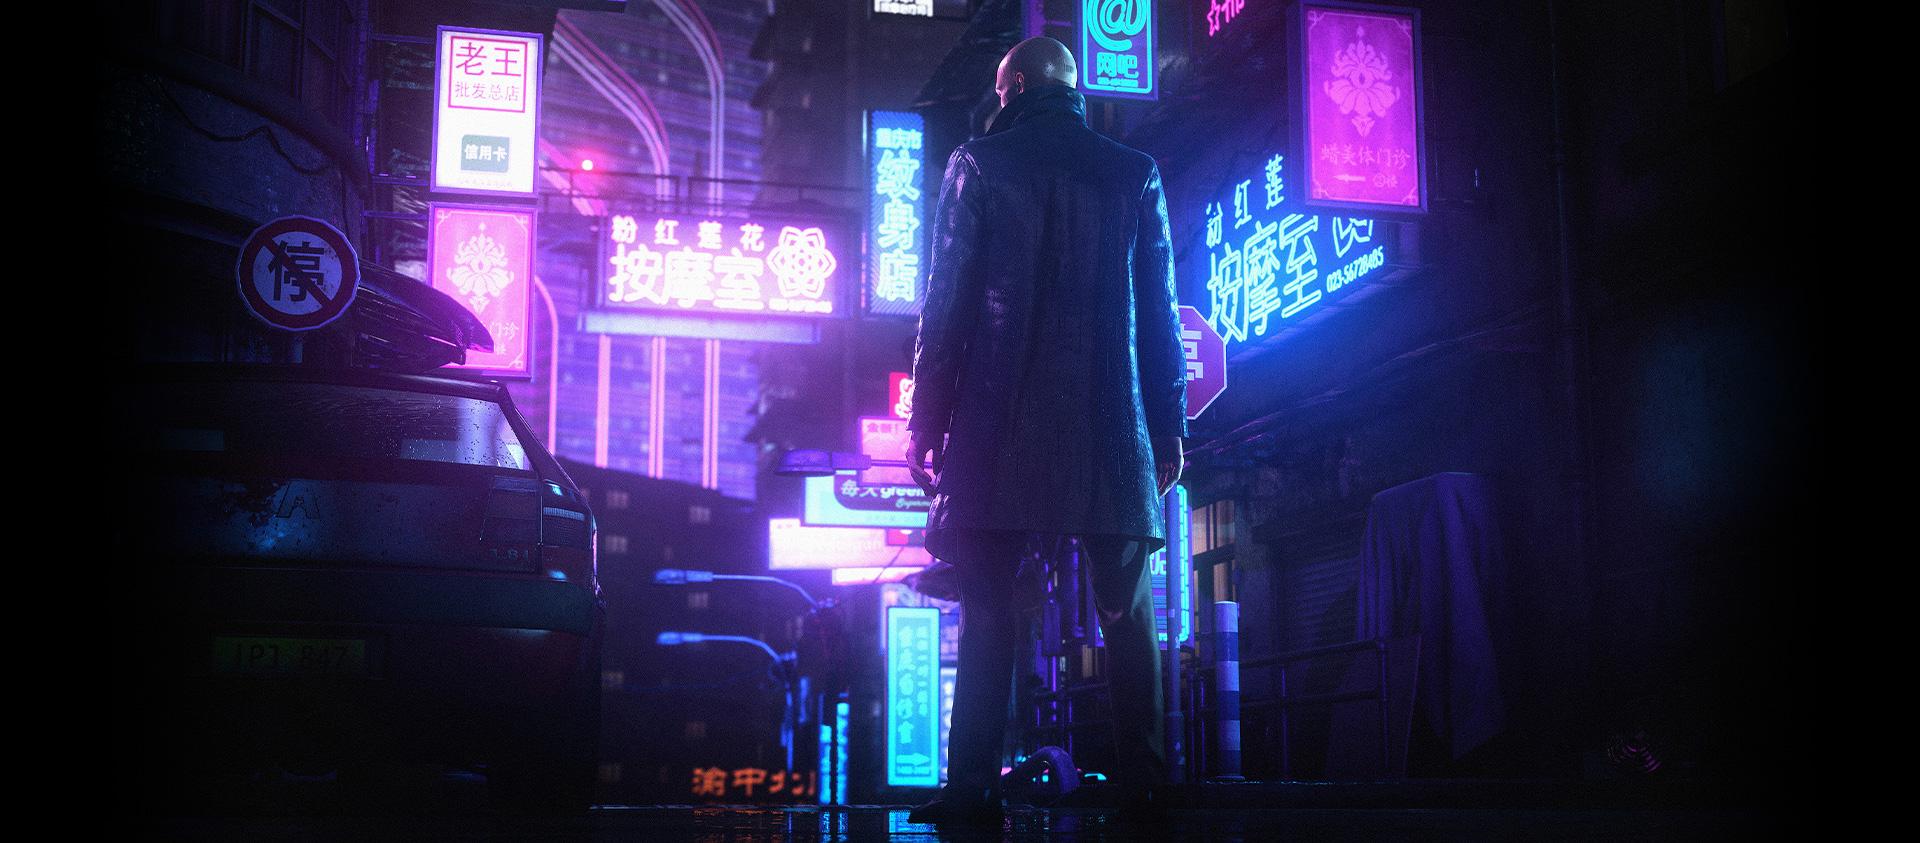 Personagem do HITMAN 3 a olhar para uma rua cheia de luzes de néon